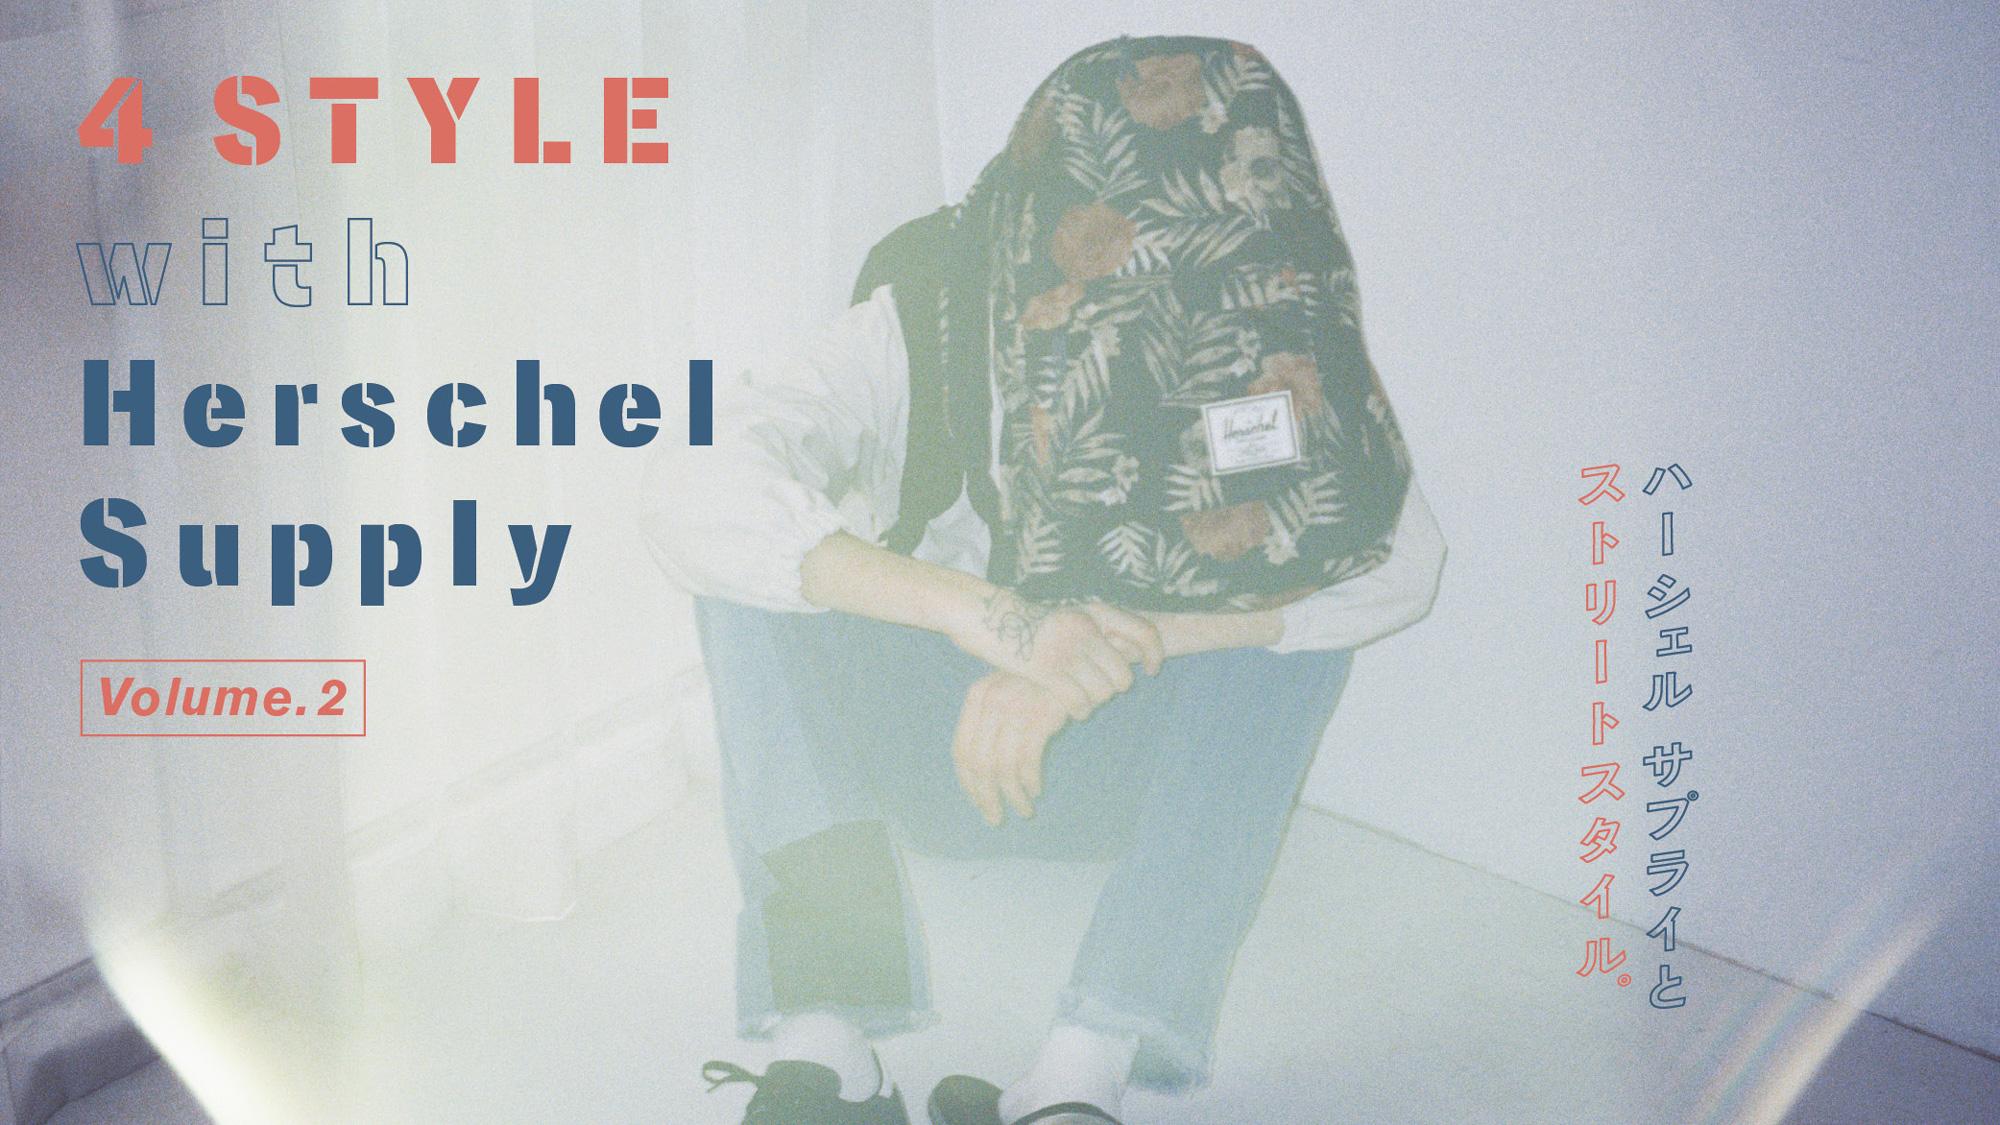 Herschel2_w2000_1